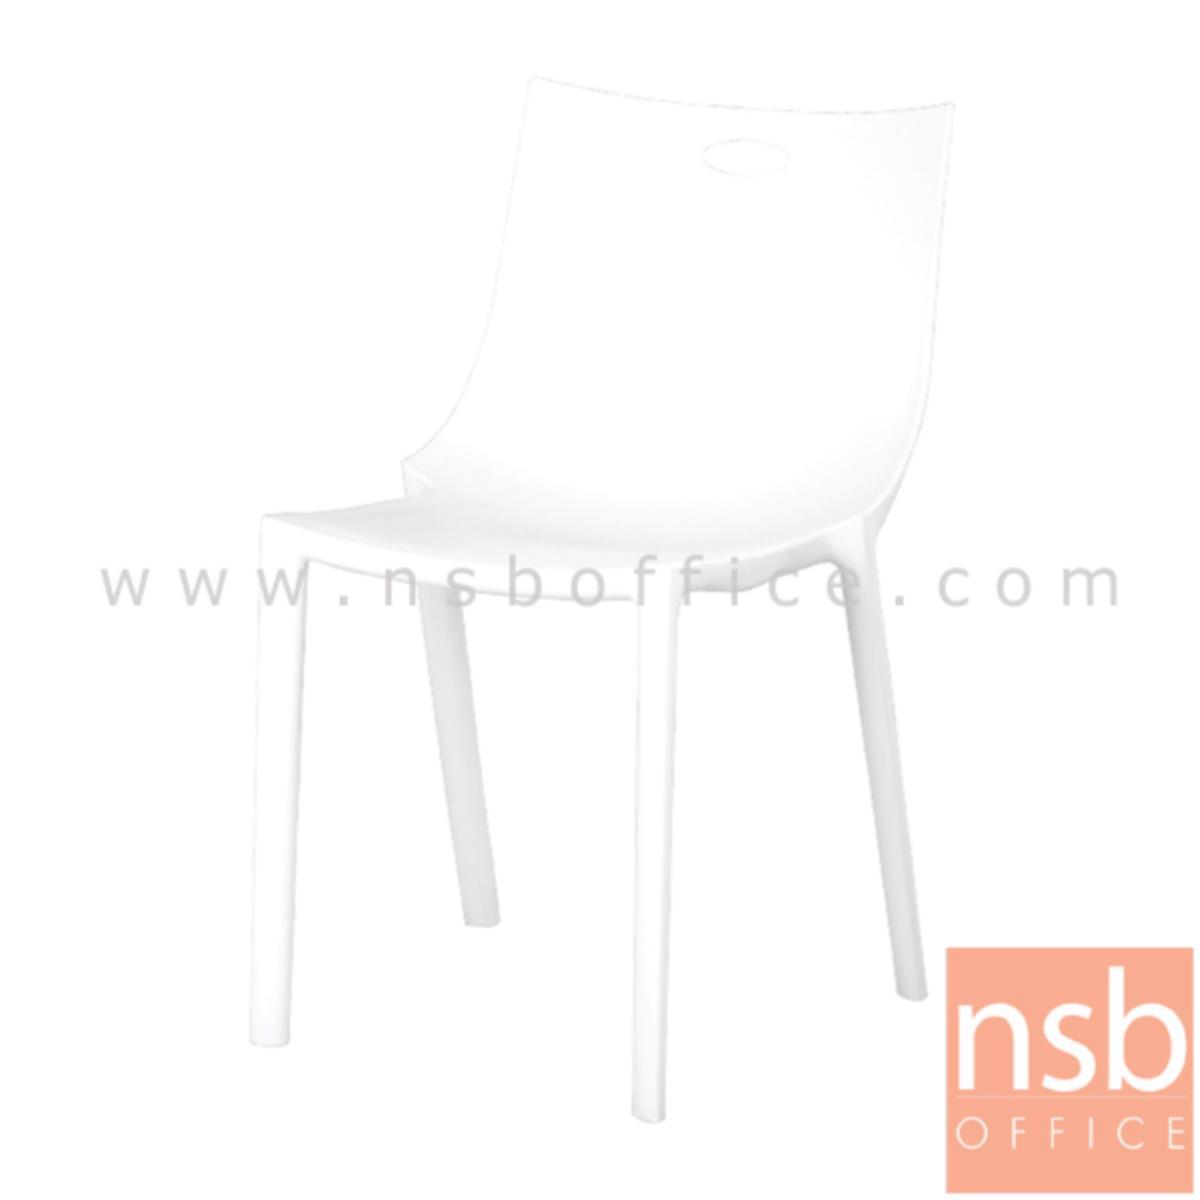 เก้าอี้โมเดิร์นพลาสติกโพลี่(PP)ล้วน รุ่น PP9216 ขนาด 55W cm.